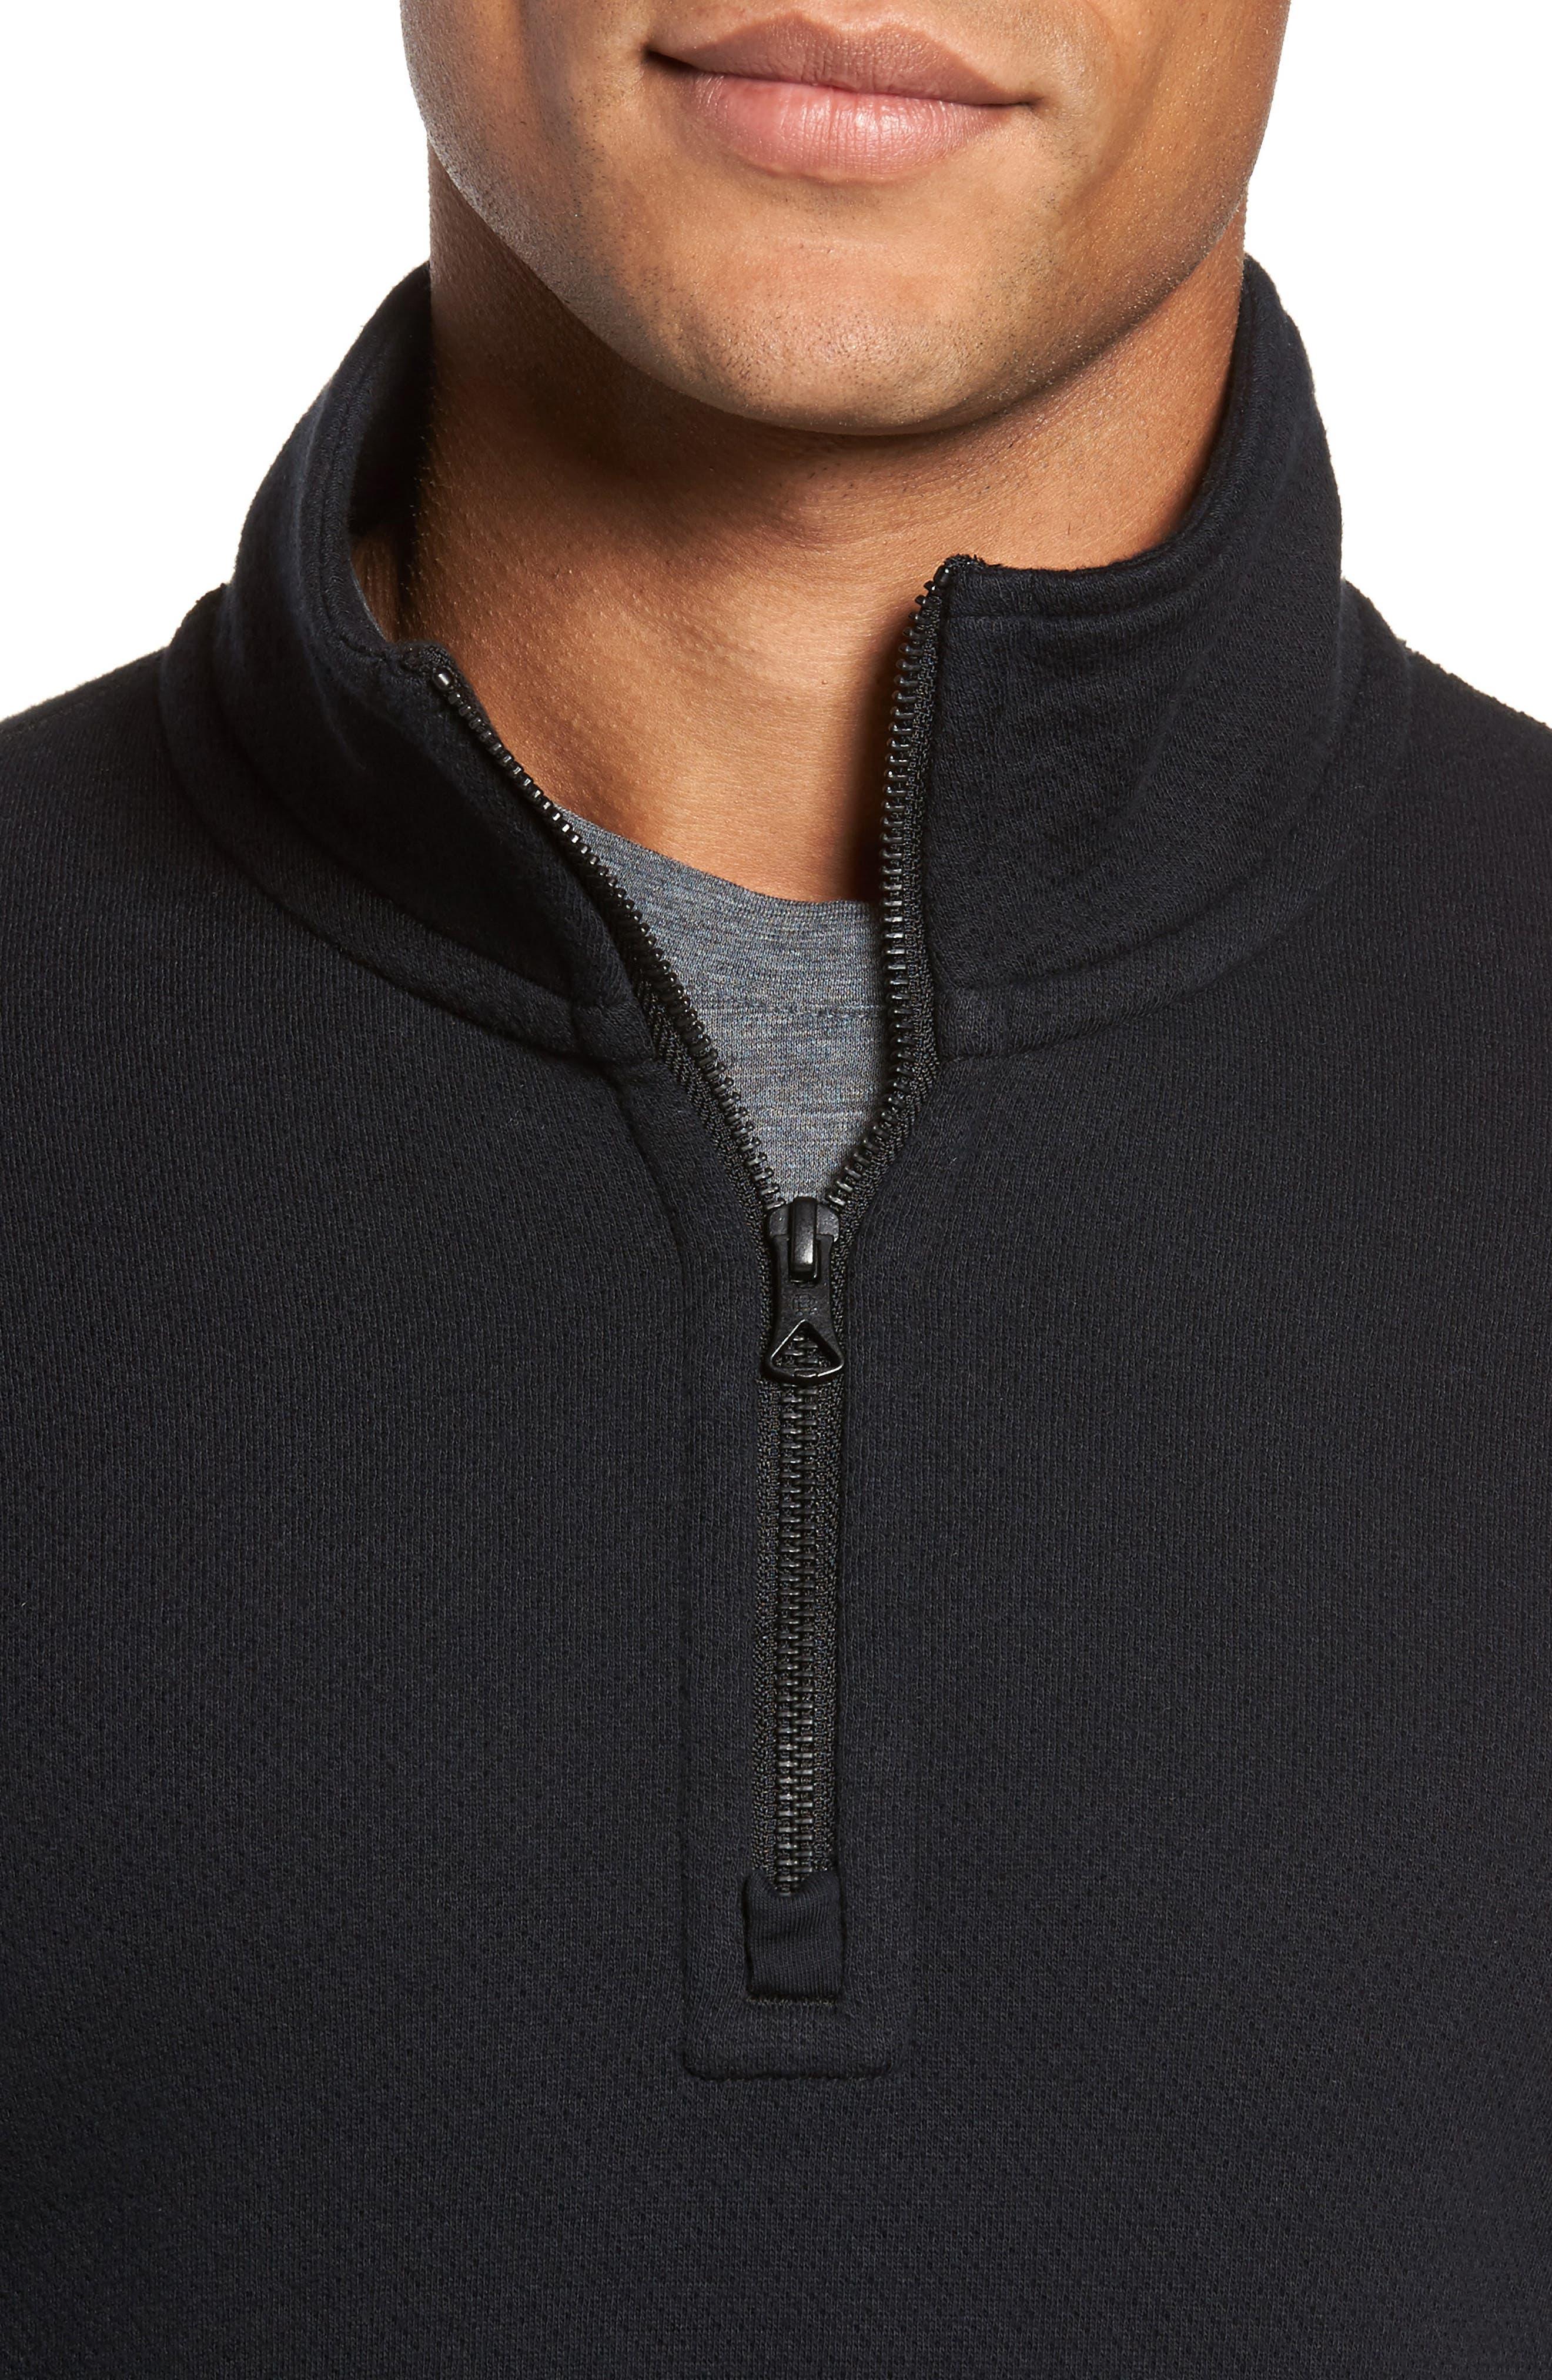 Mesh Half Zip Fleece Top,                             Alternate thumbnail 4, color,                             Black